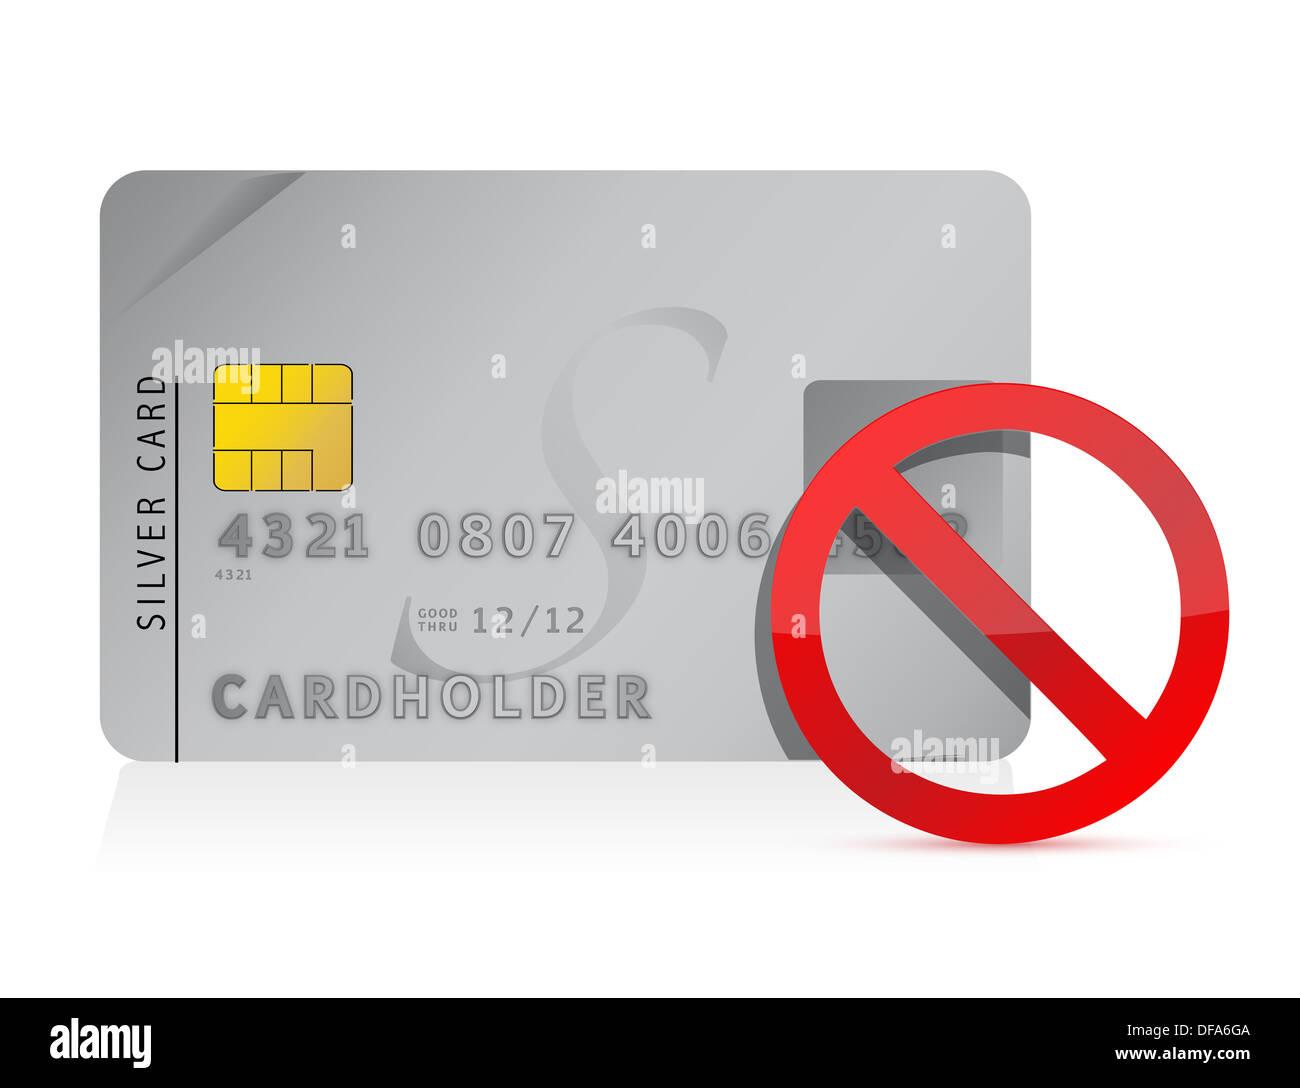 declined Credit Card illustration design - Stock Image